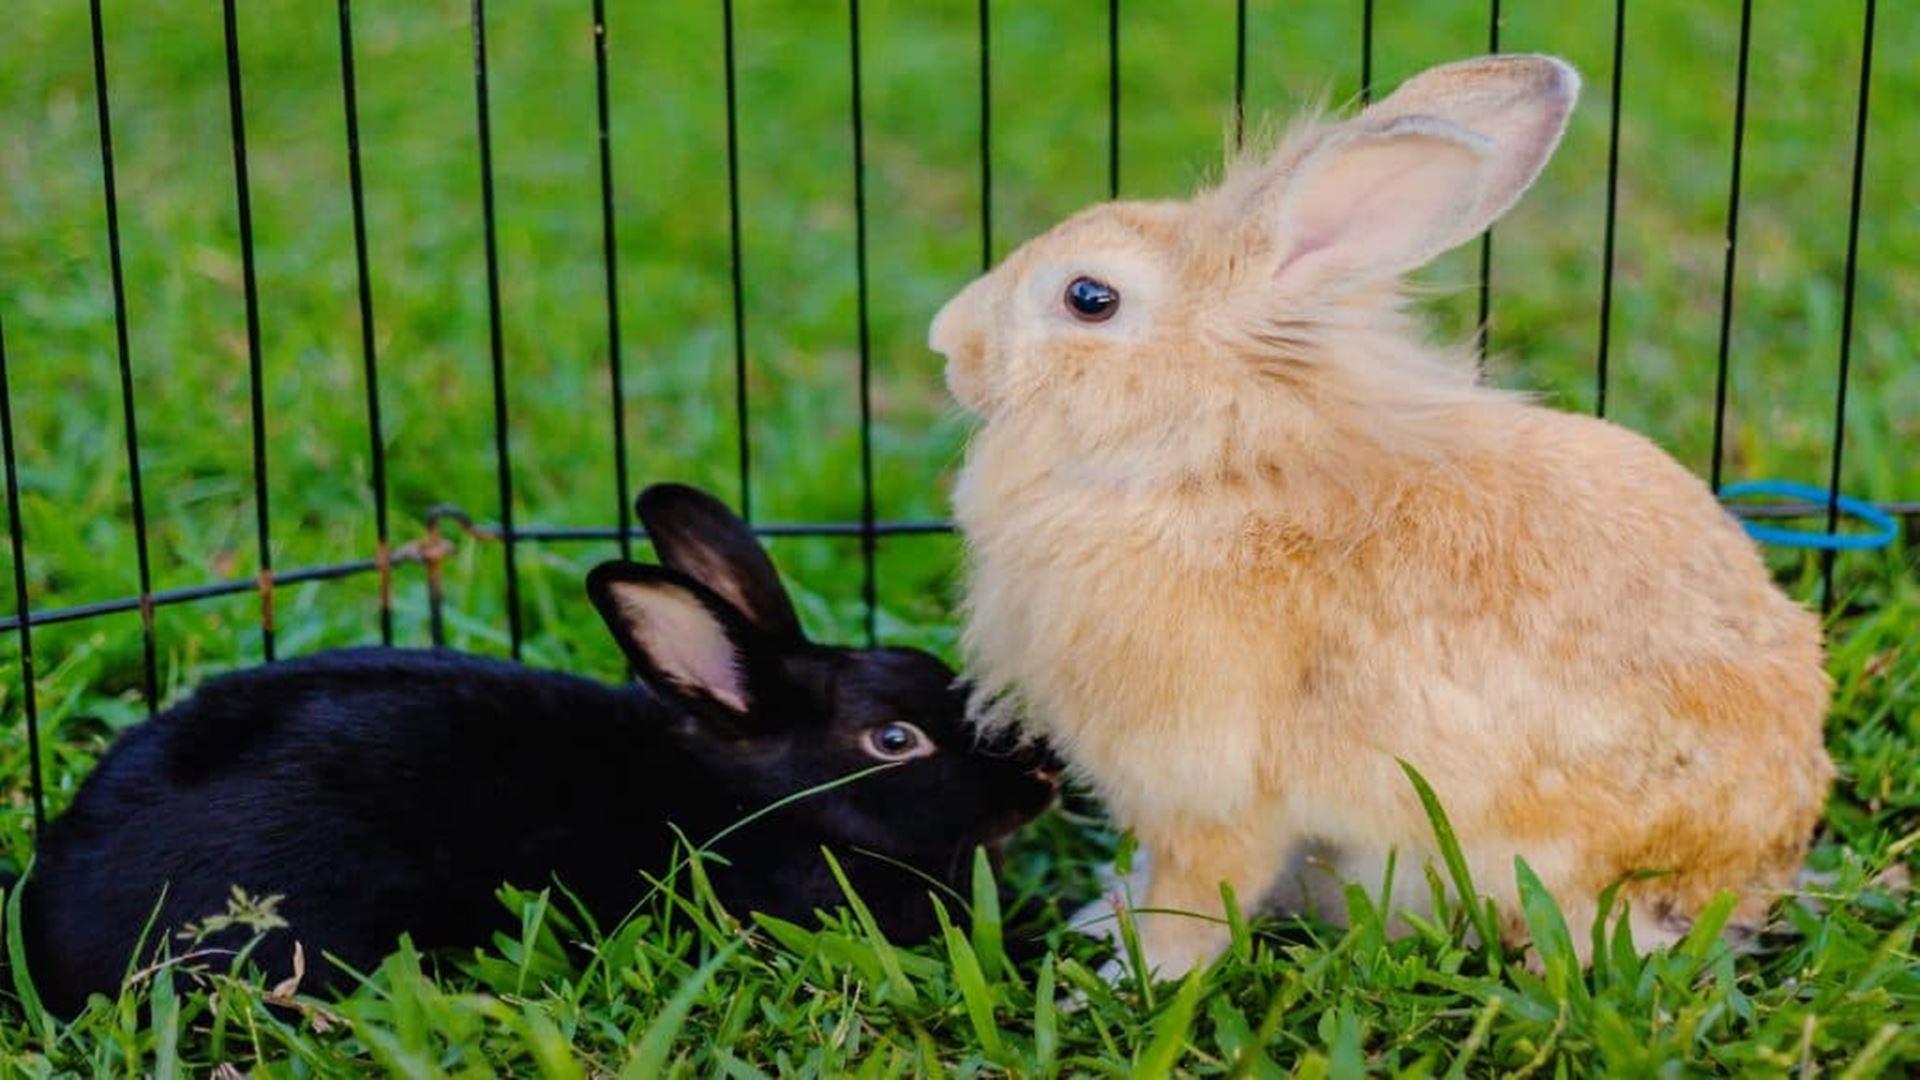 Miglior gabbia per conigli 2020: Guida all'acquisto